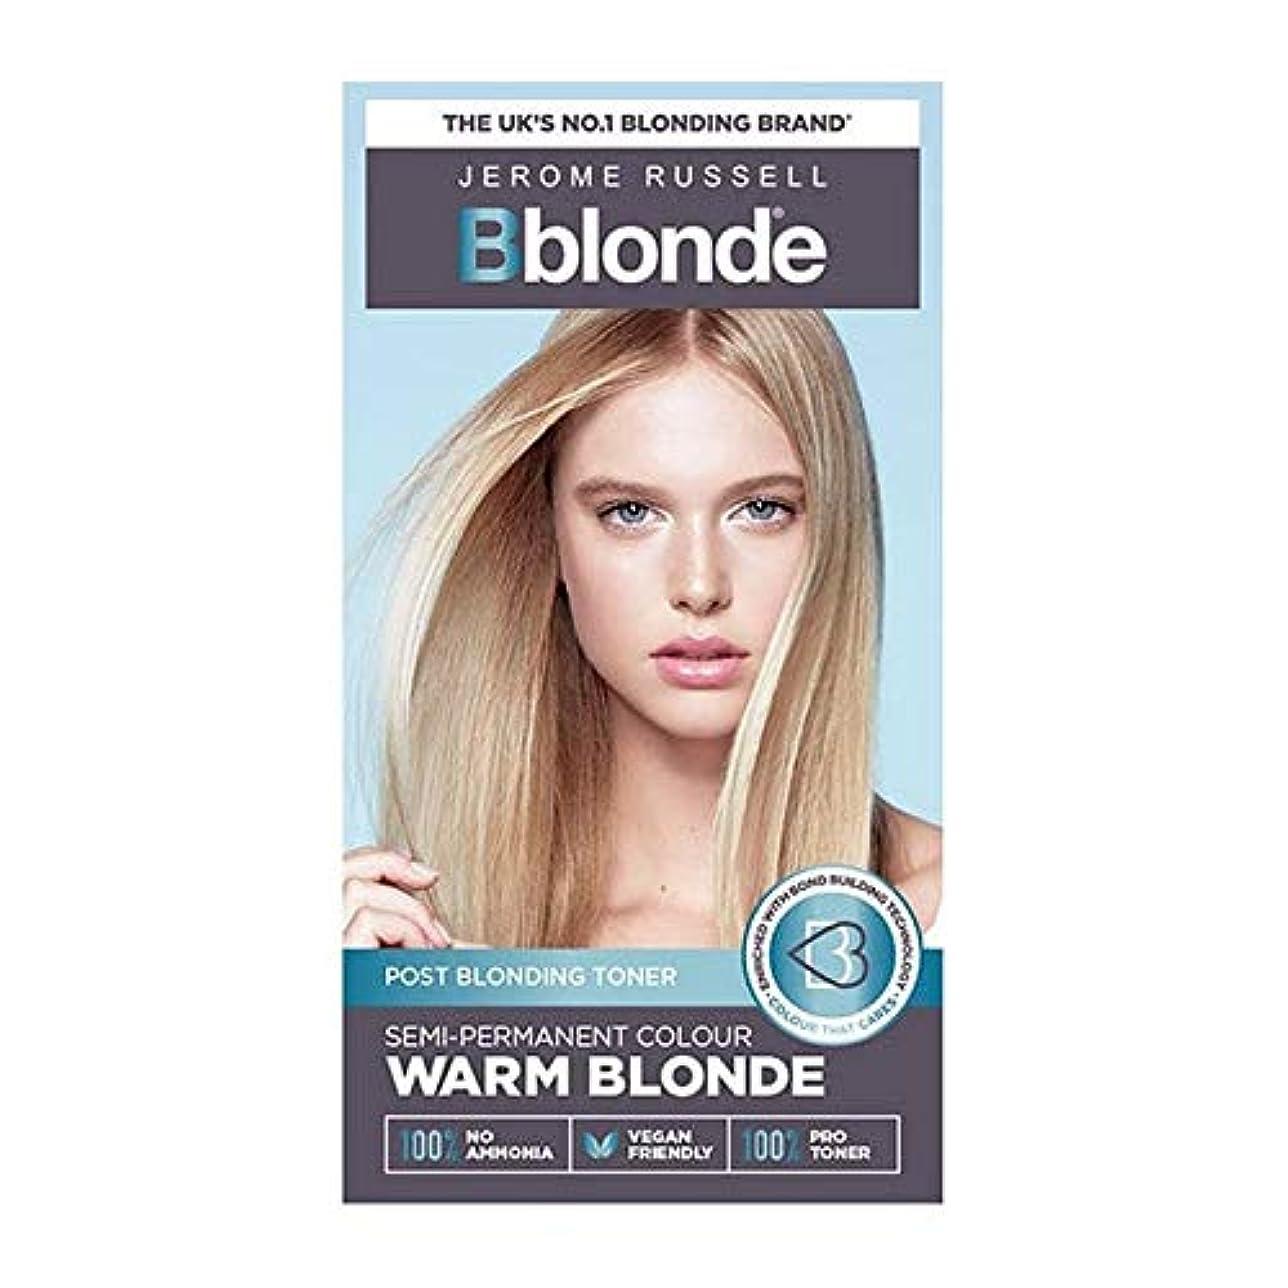 店員外側含める[Jerome Russell ] ジェロームラッセルBblonde半恒久的なトナー暖かいブロンド - Jerome Russell Bblonde Semi Permanent Toner Warm Blonde [並行輸入品]